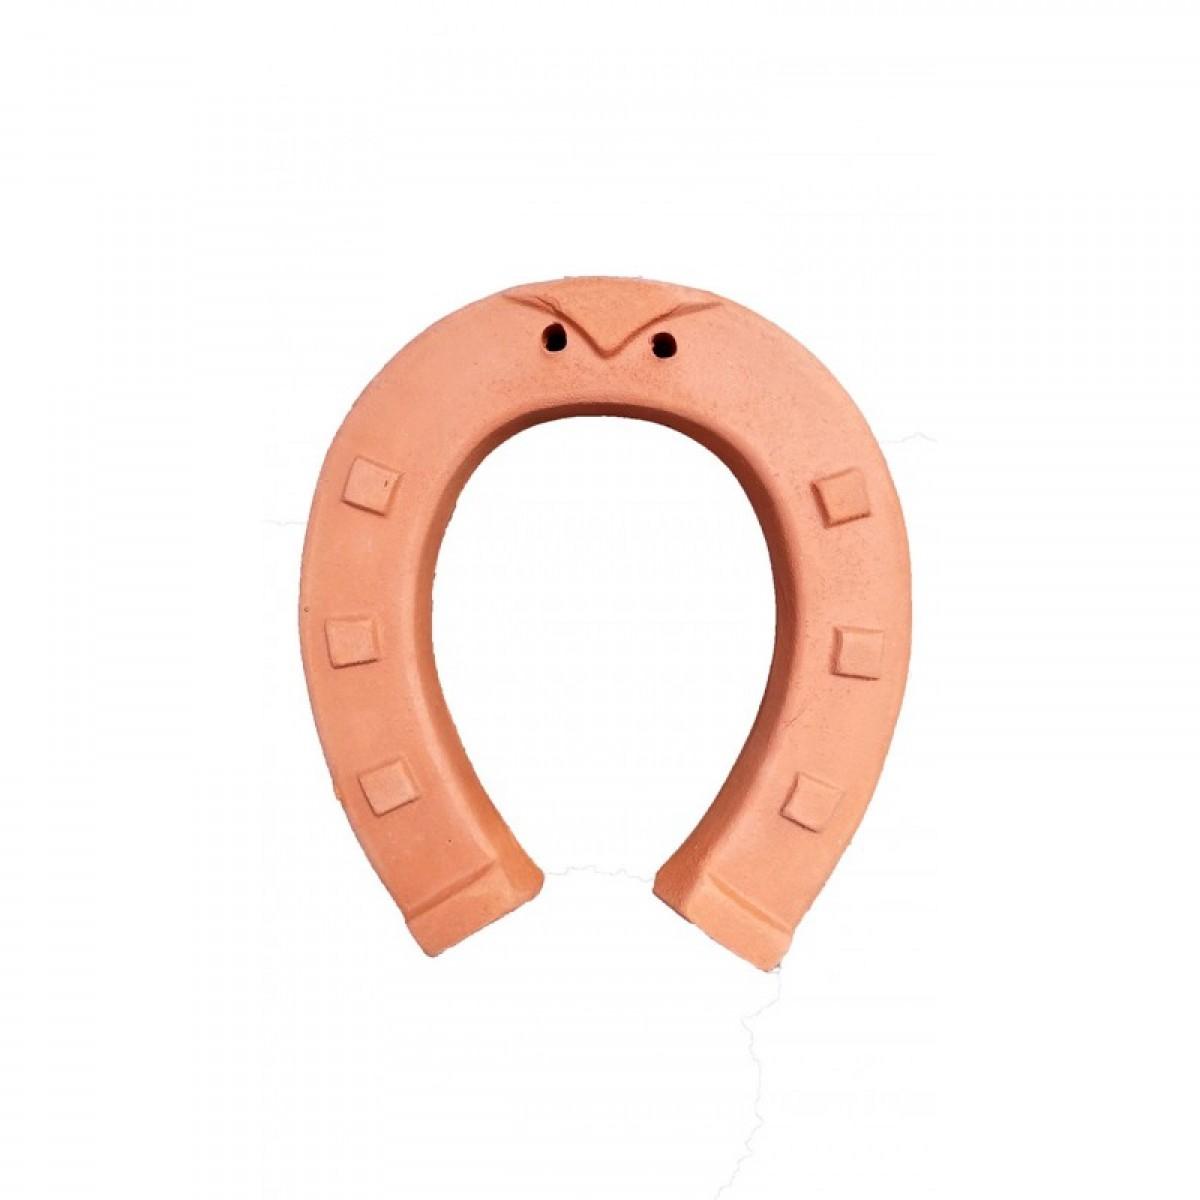 Κεραμικό Πέταλο 10cm (Μεγάλο) Υλικά Χειροτεχνίας